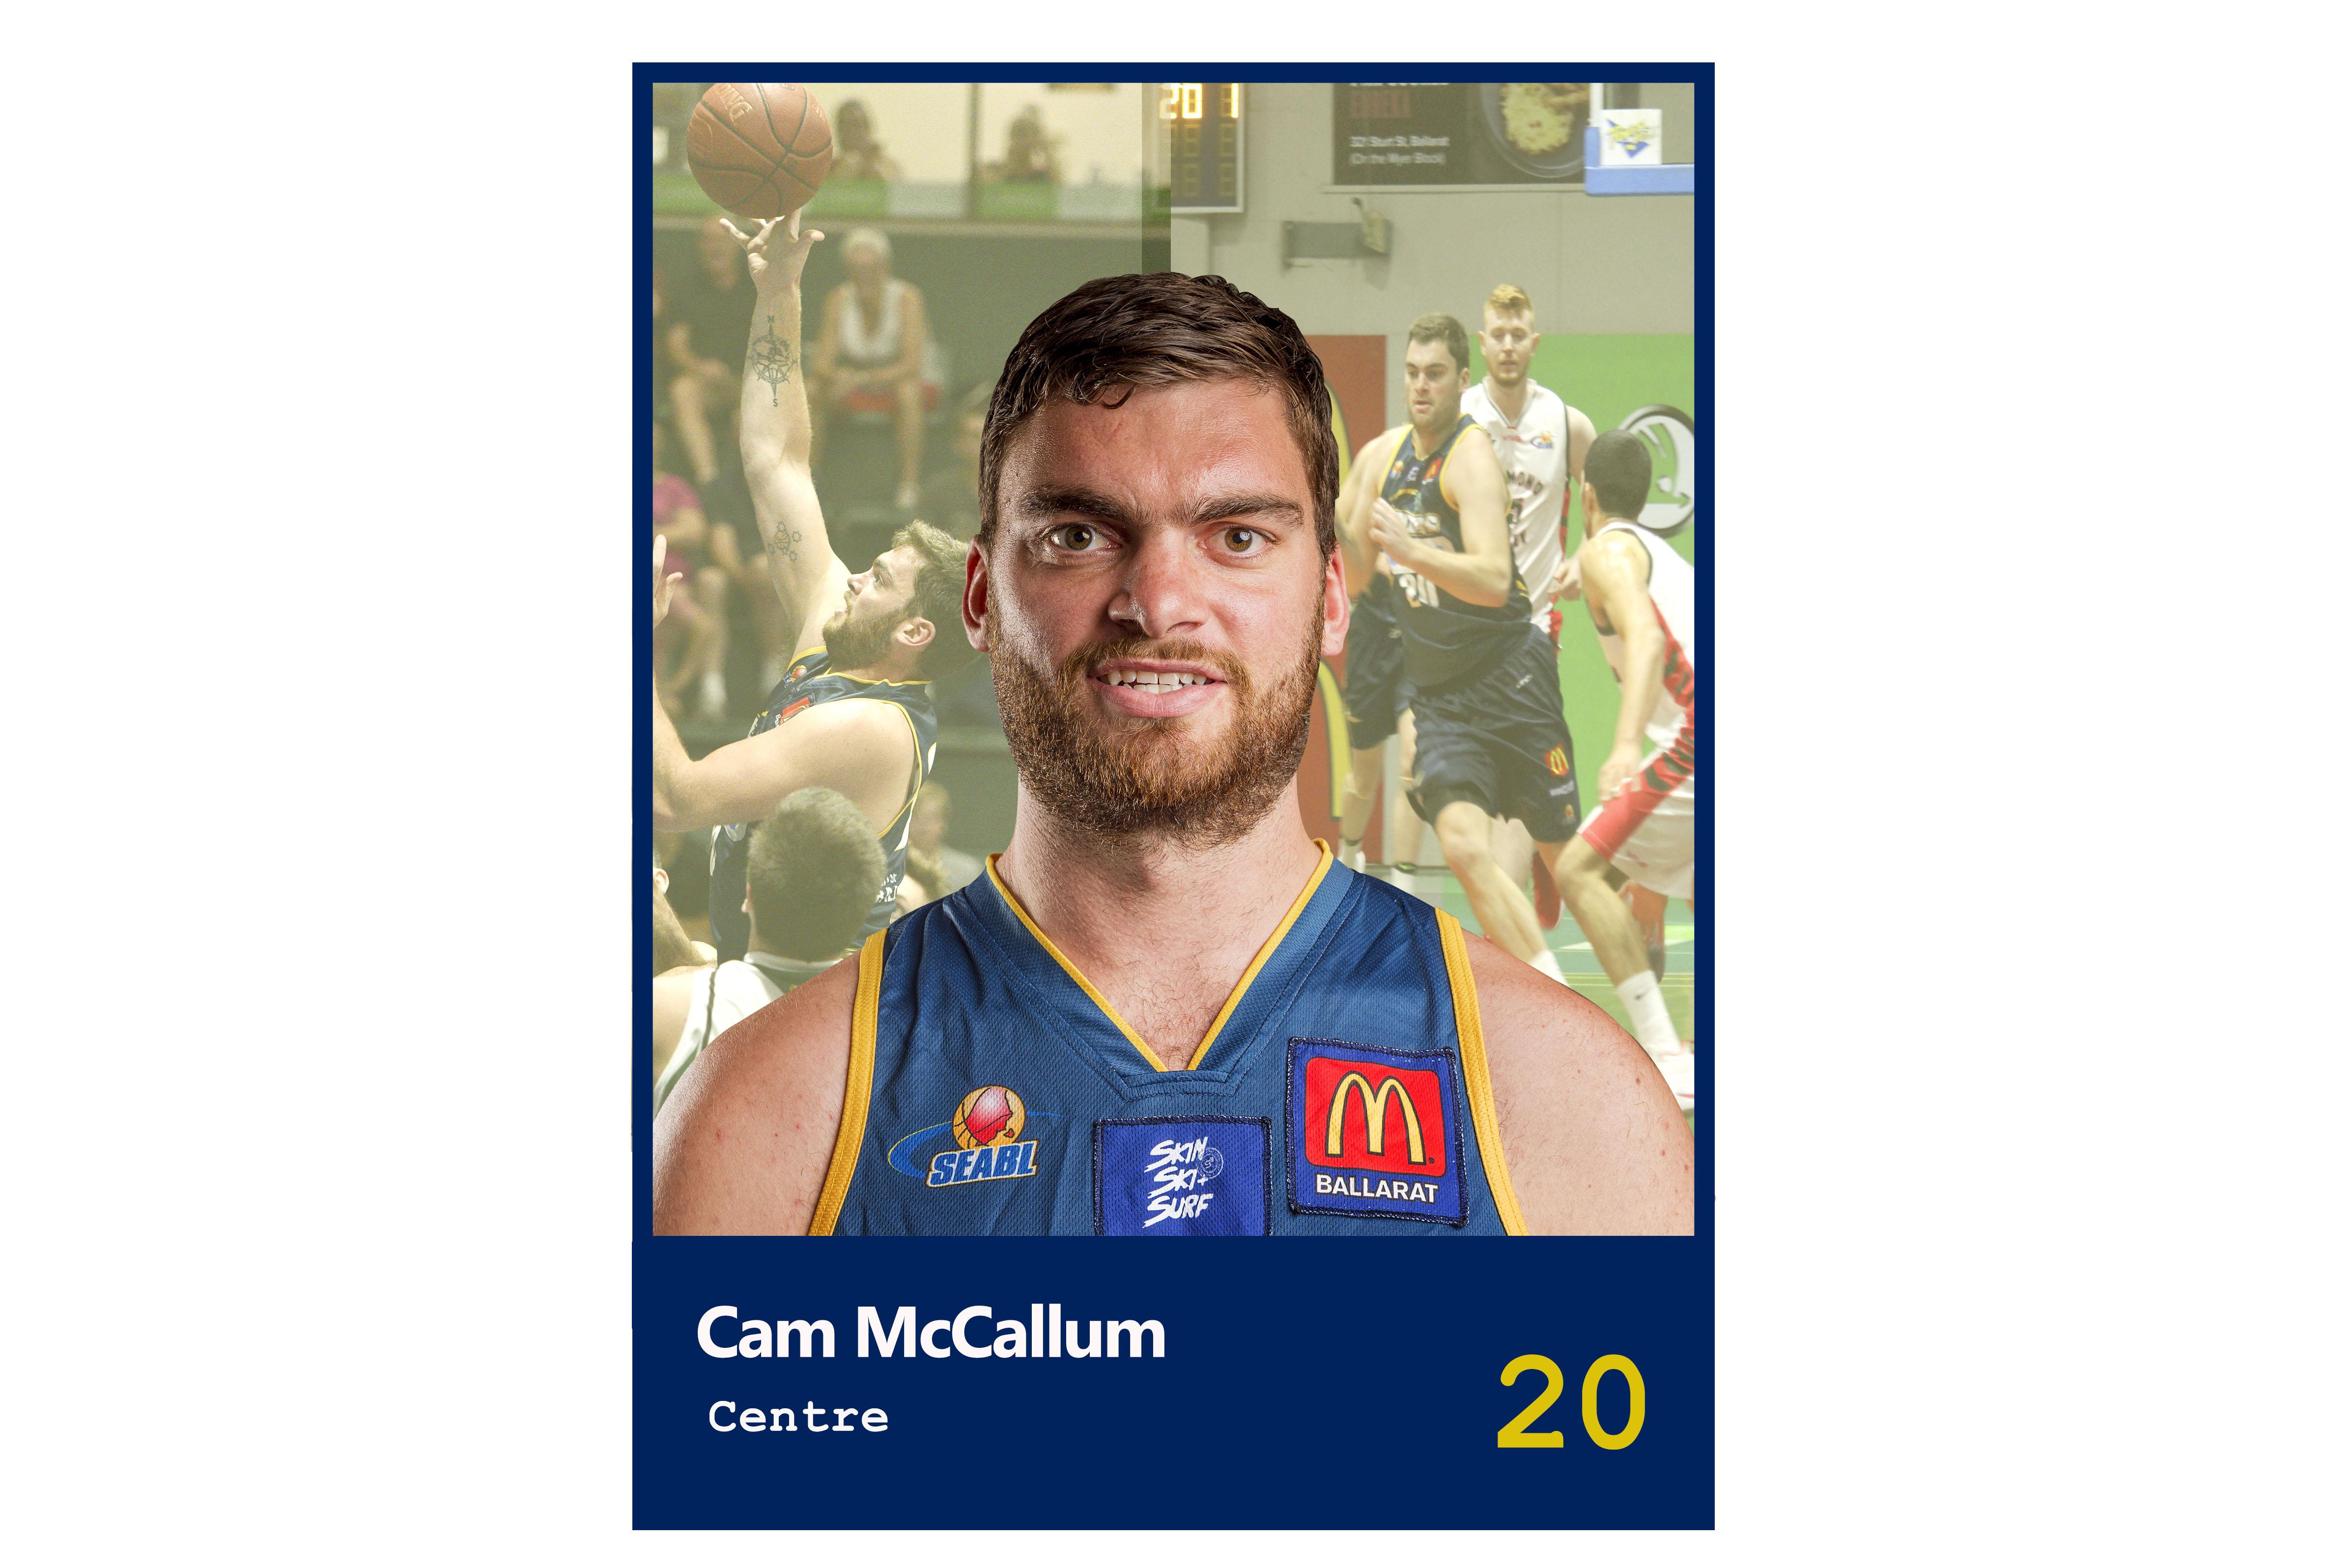 Cam McCallum